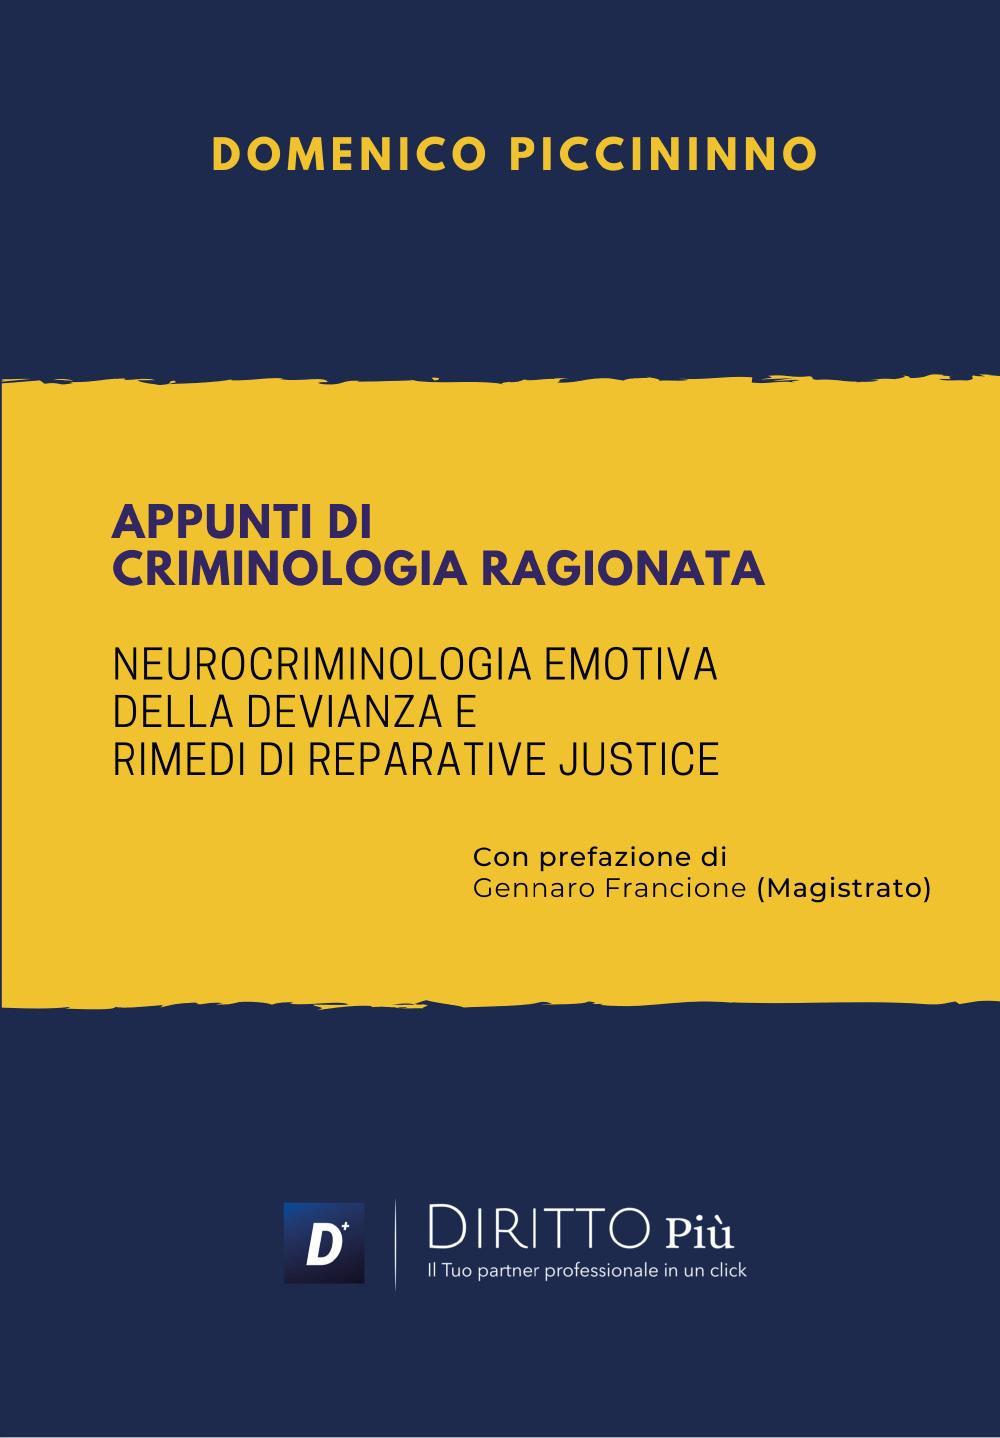 Appunti di Criminologia Ragionata